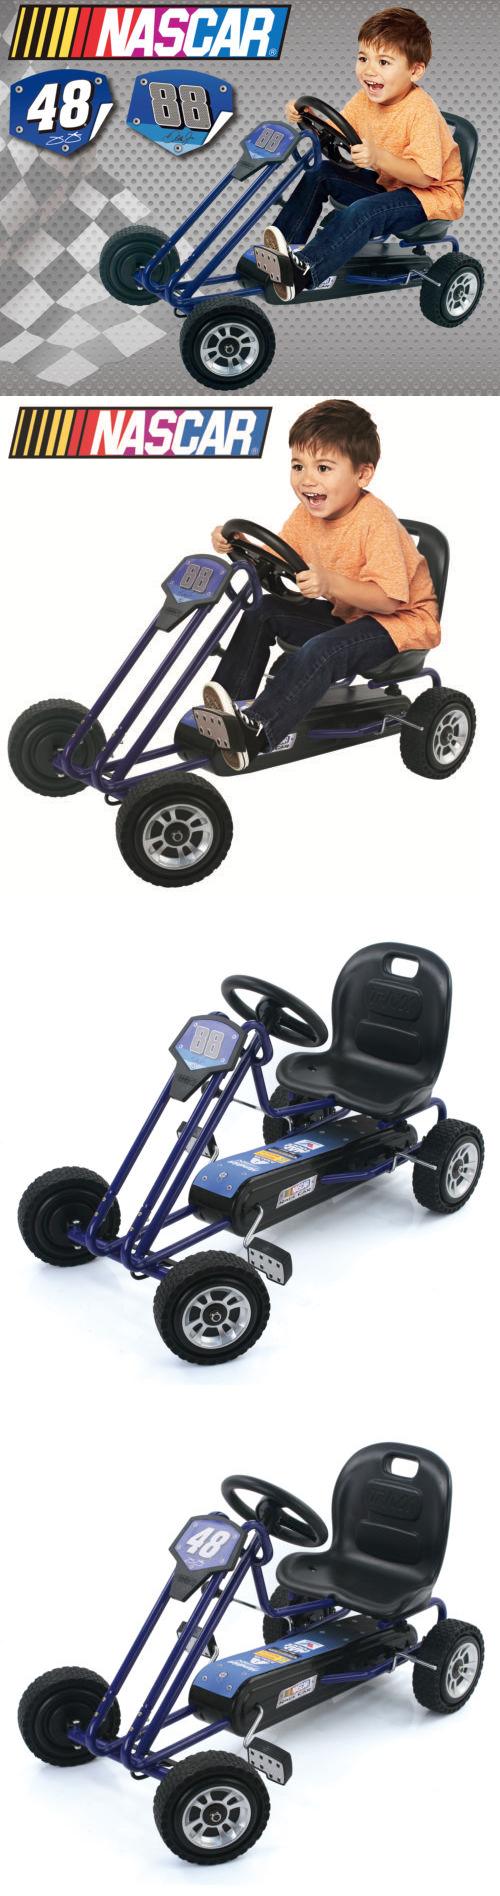 Complete Go-Karts and Frames 64656: Nascar Pedal Powered Go Kart ...